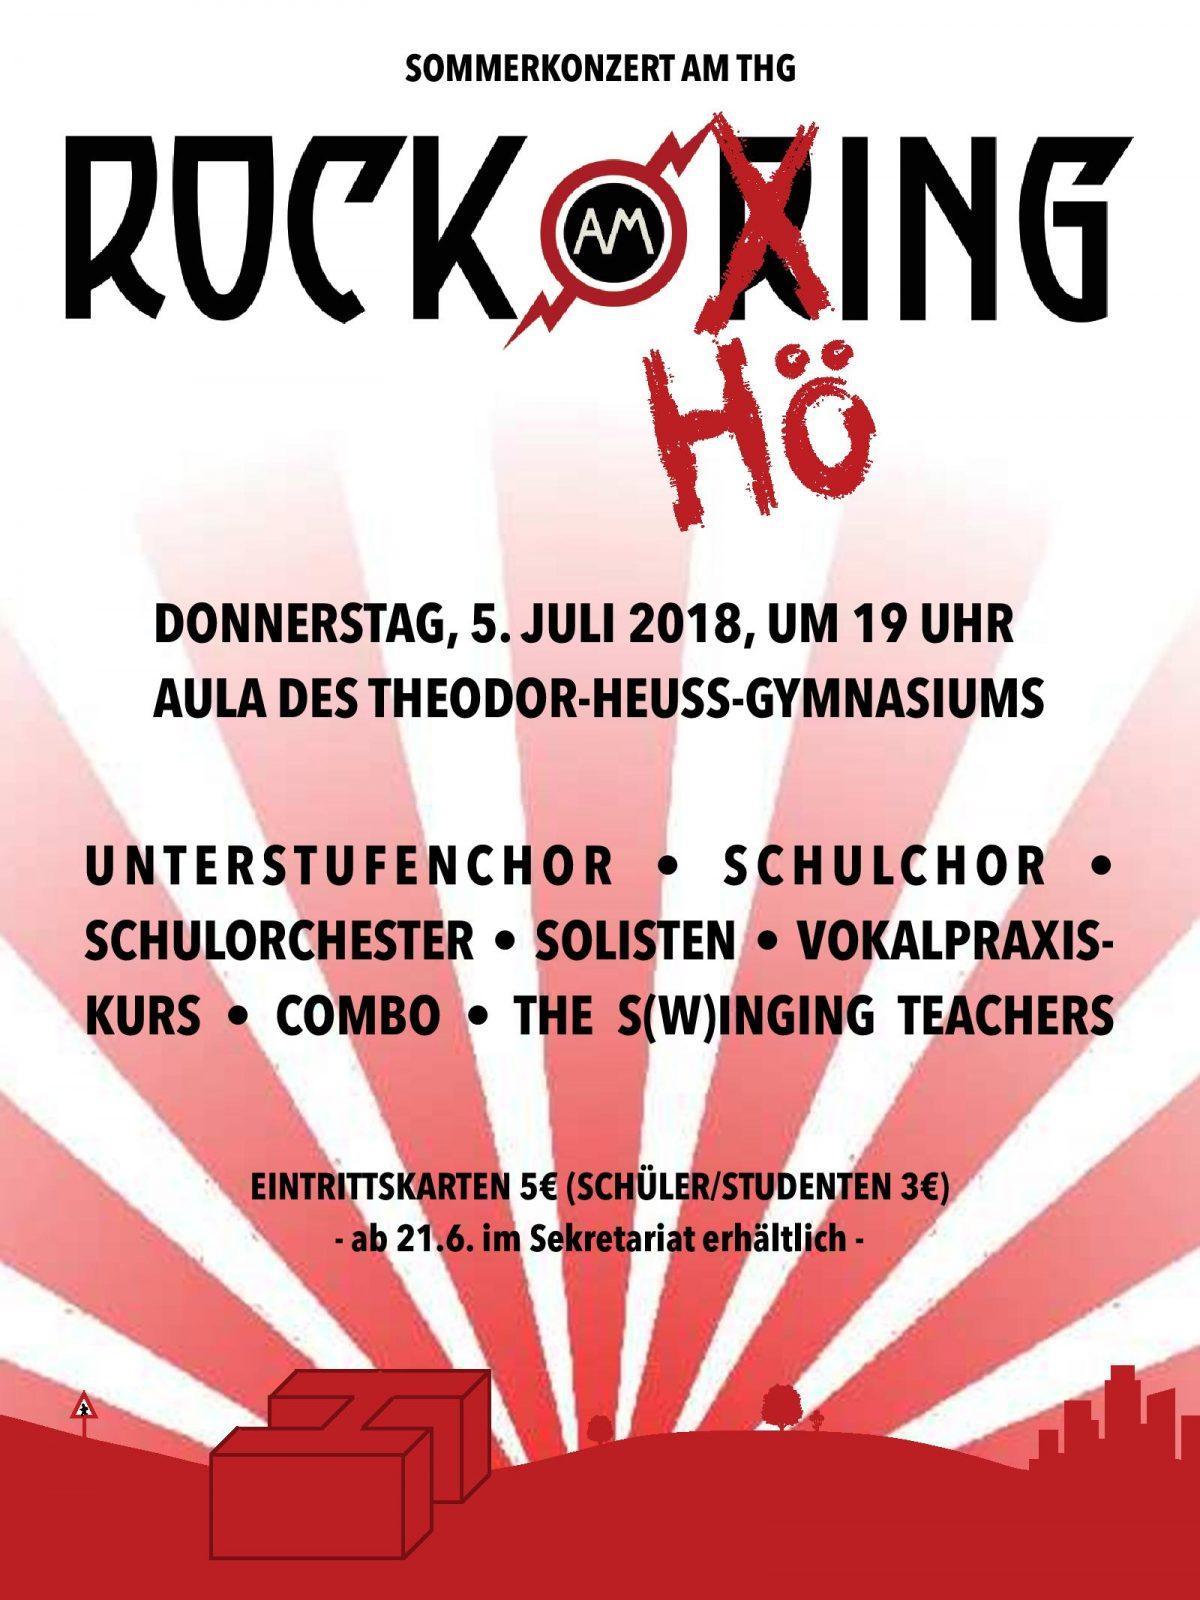 Herzliche Einladung zum Sommerkonzert!